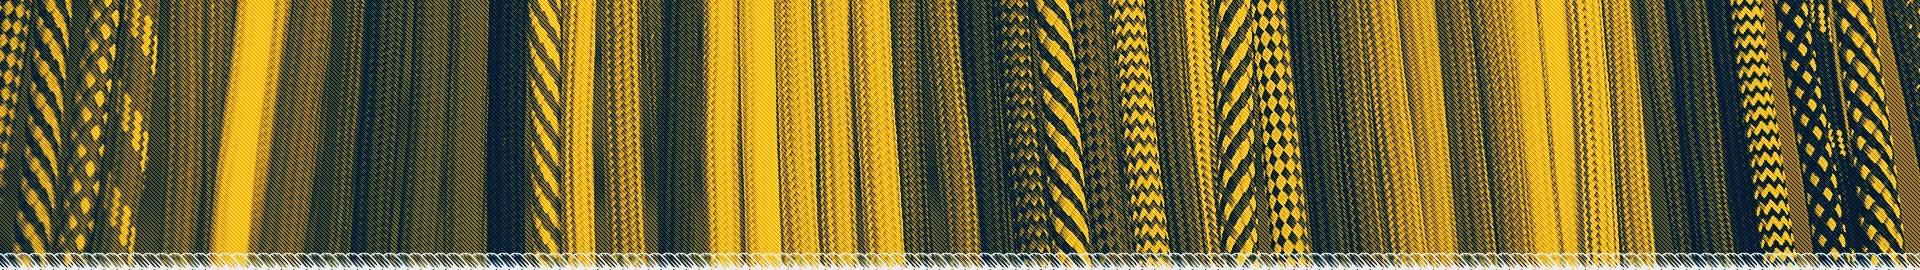 Câbles textiles de couleur pour luminaires